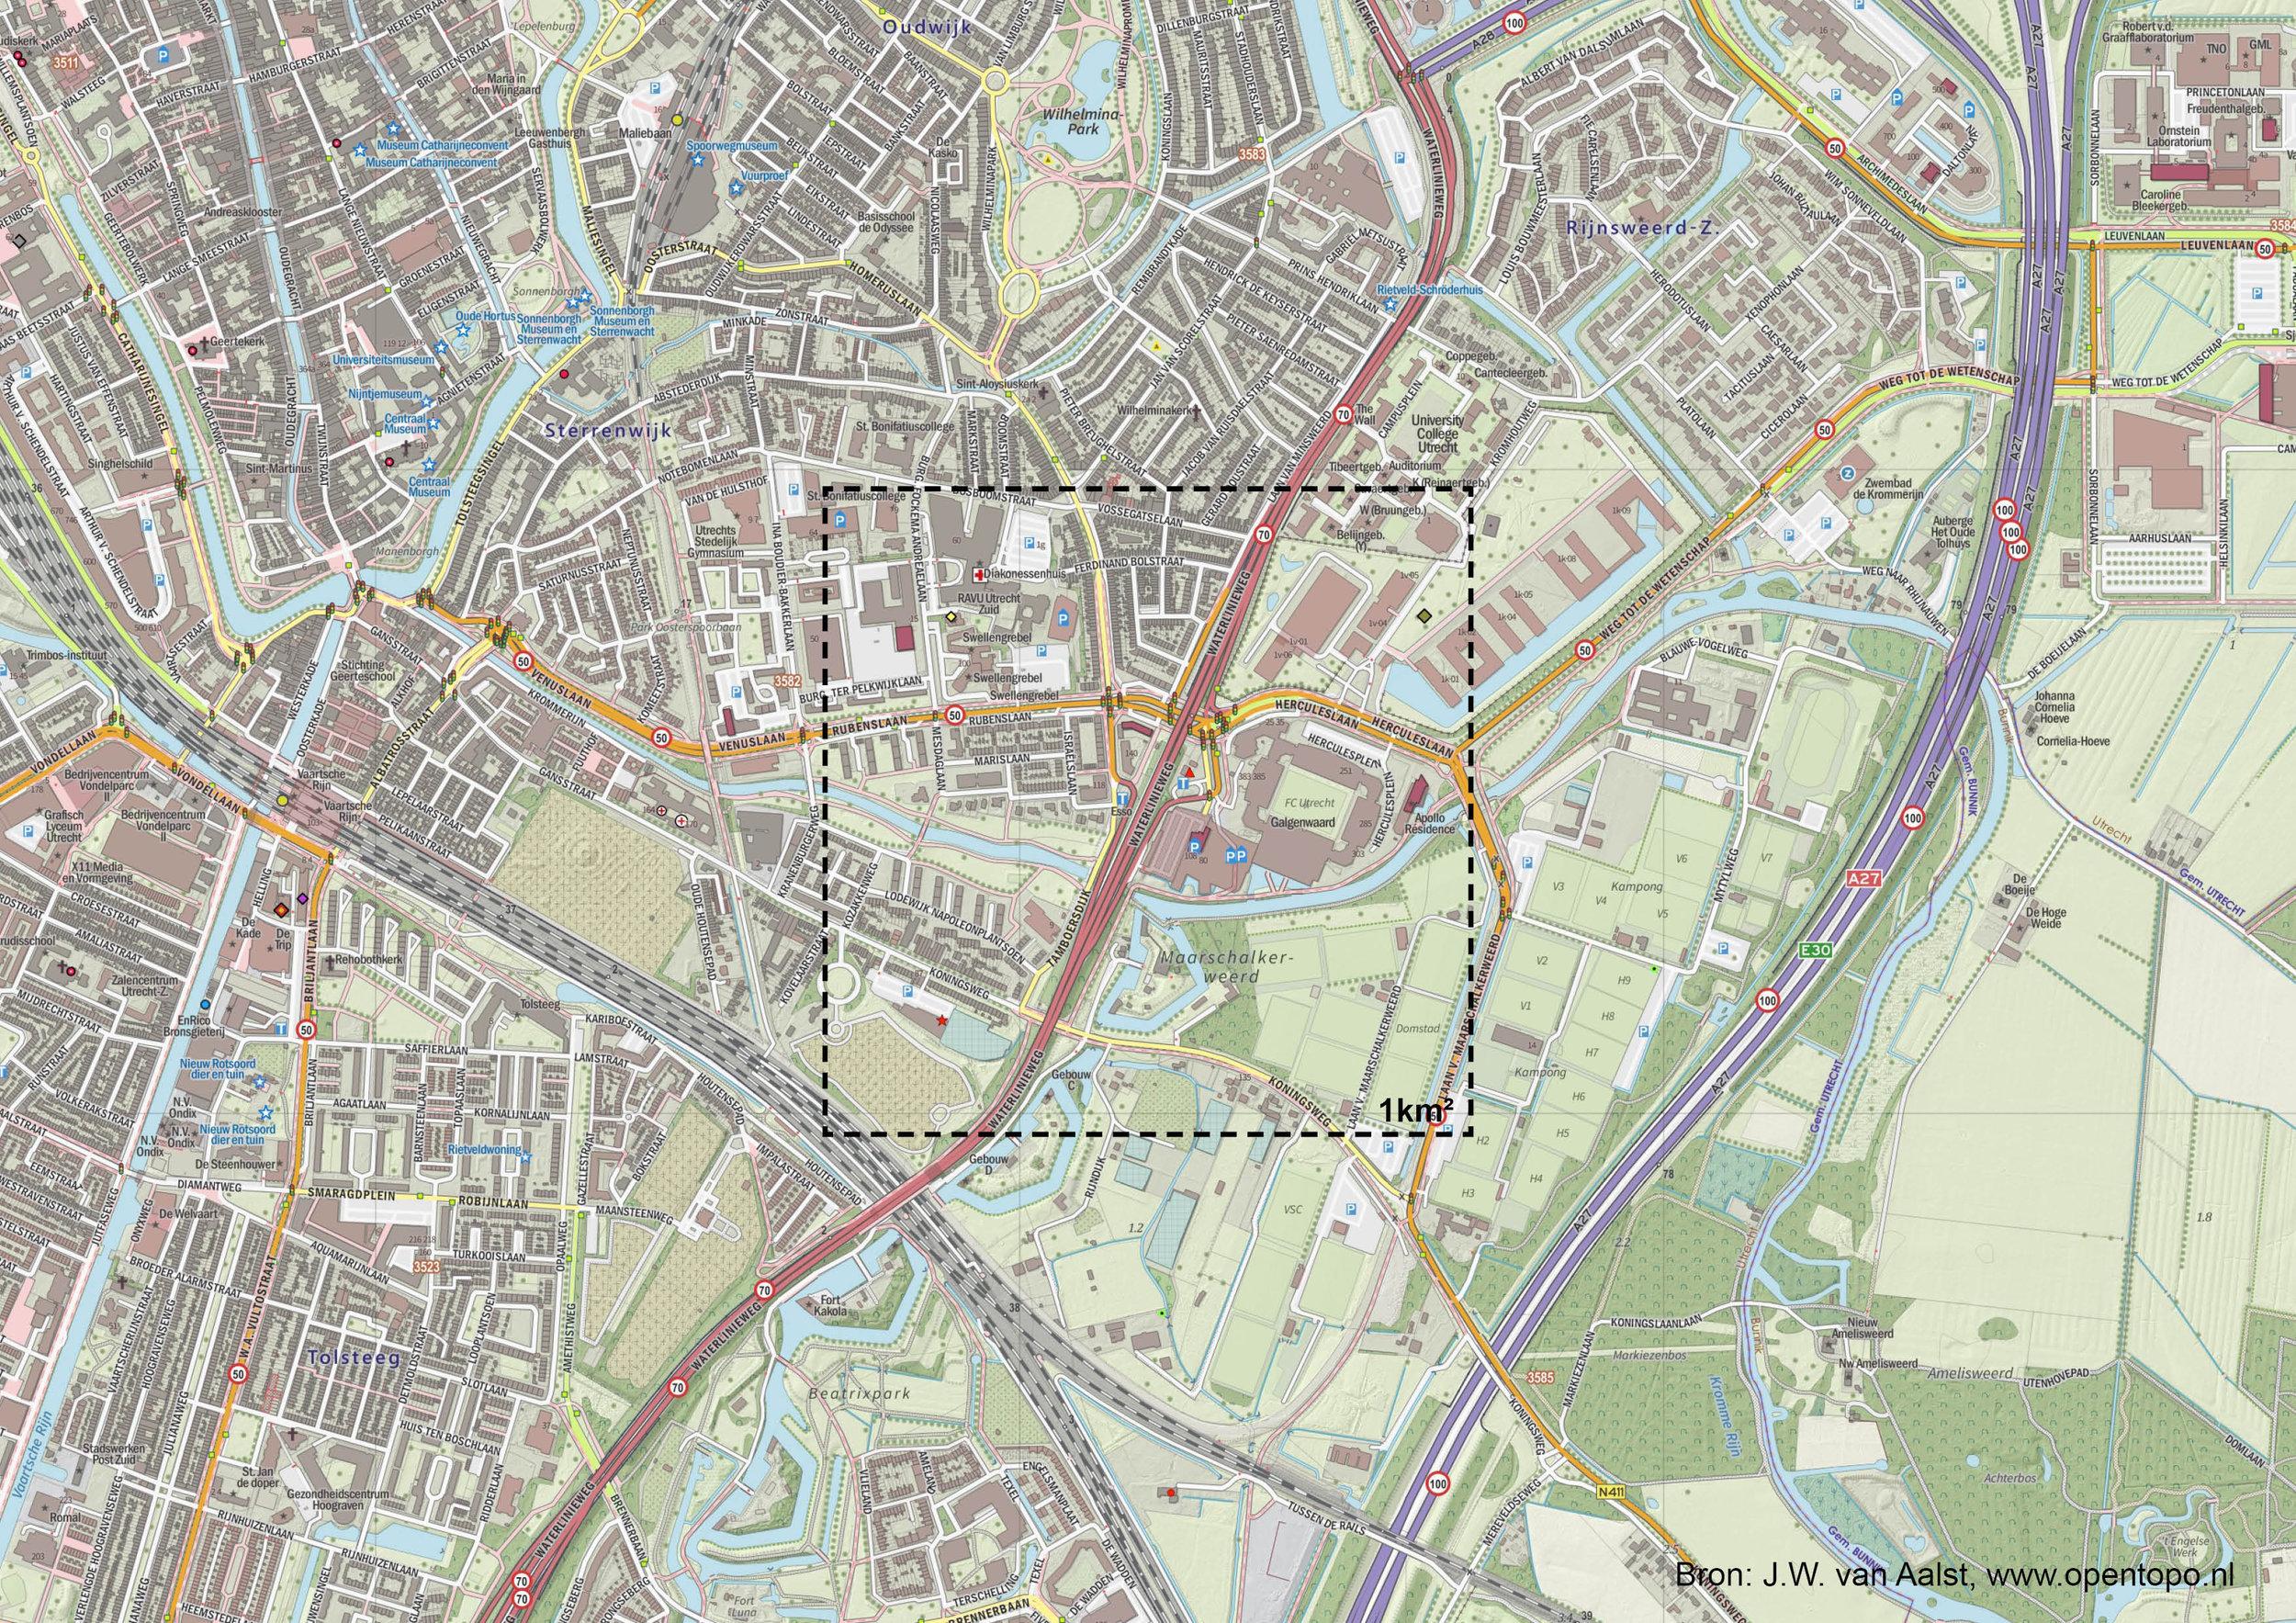 1720_BNA_KAART_UTRECHT_STADION_GALGENWAARD.jpg